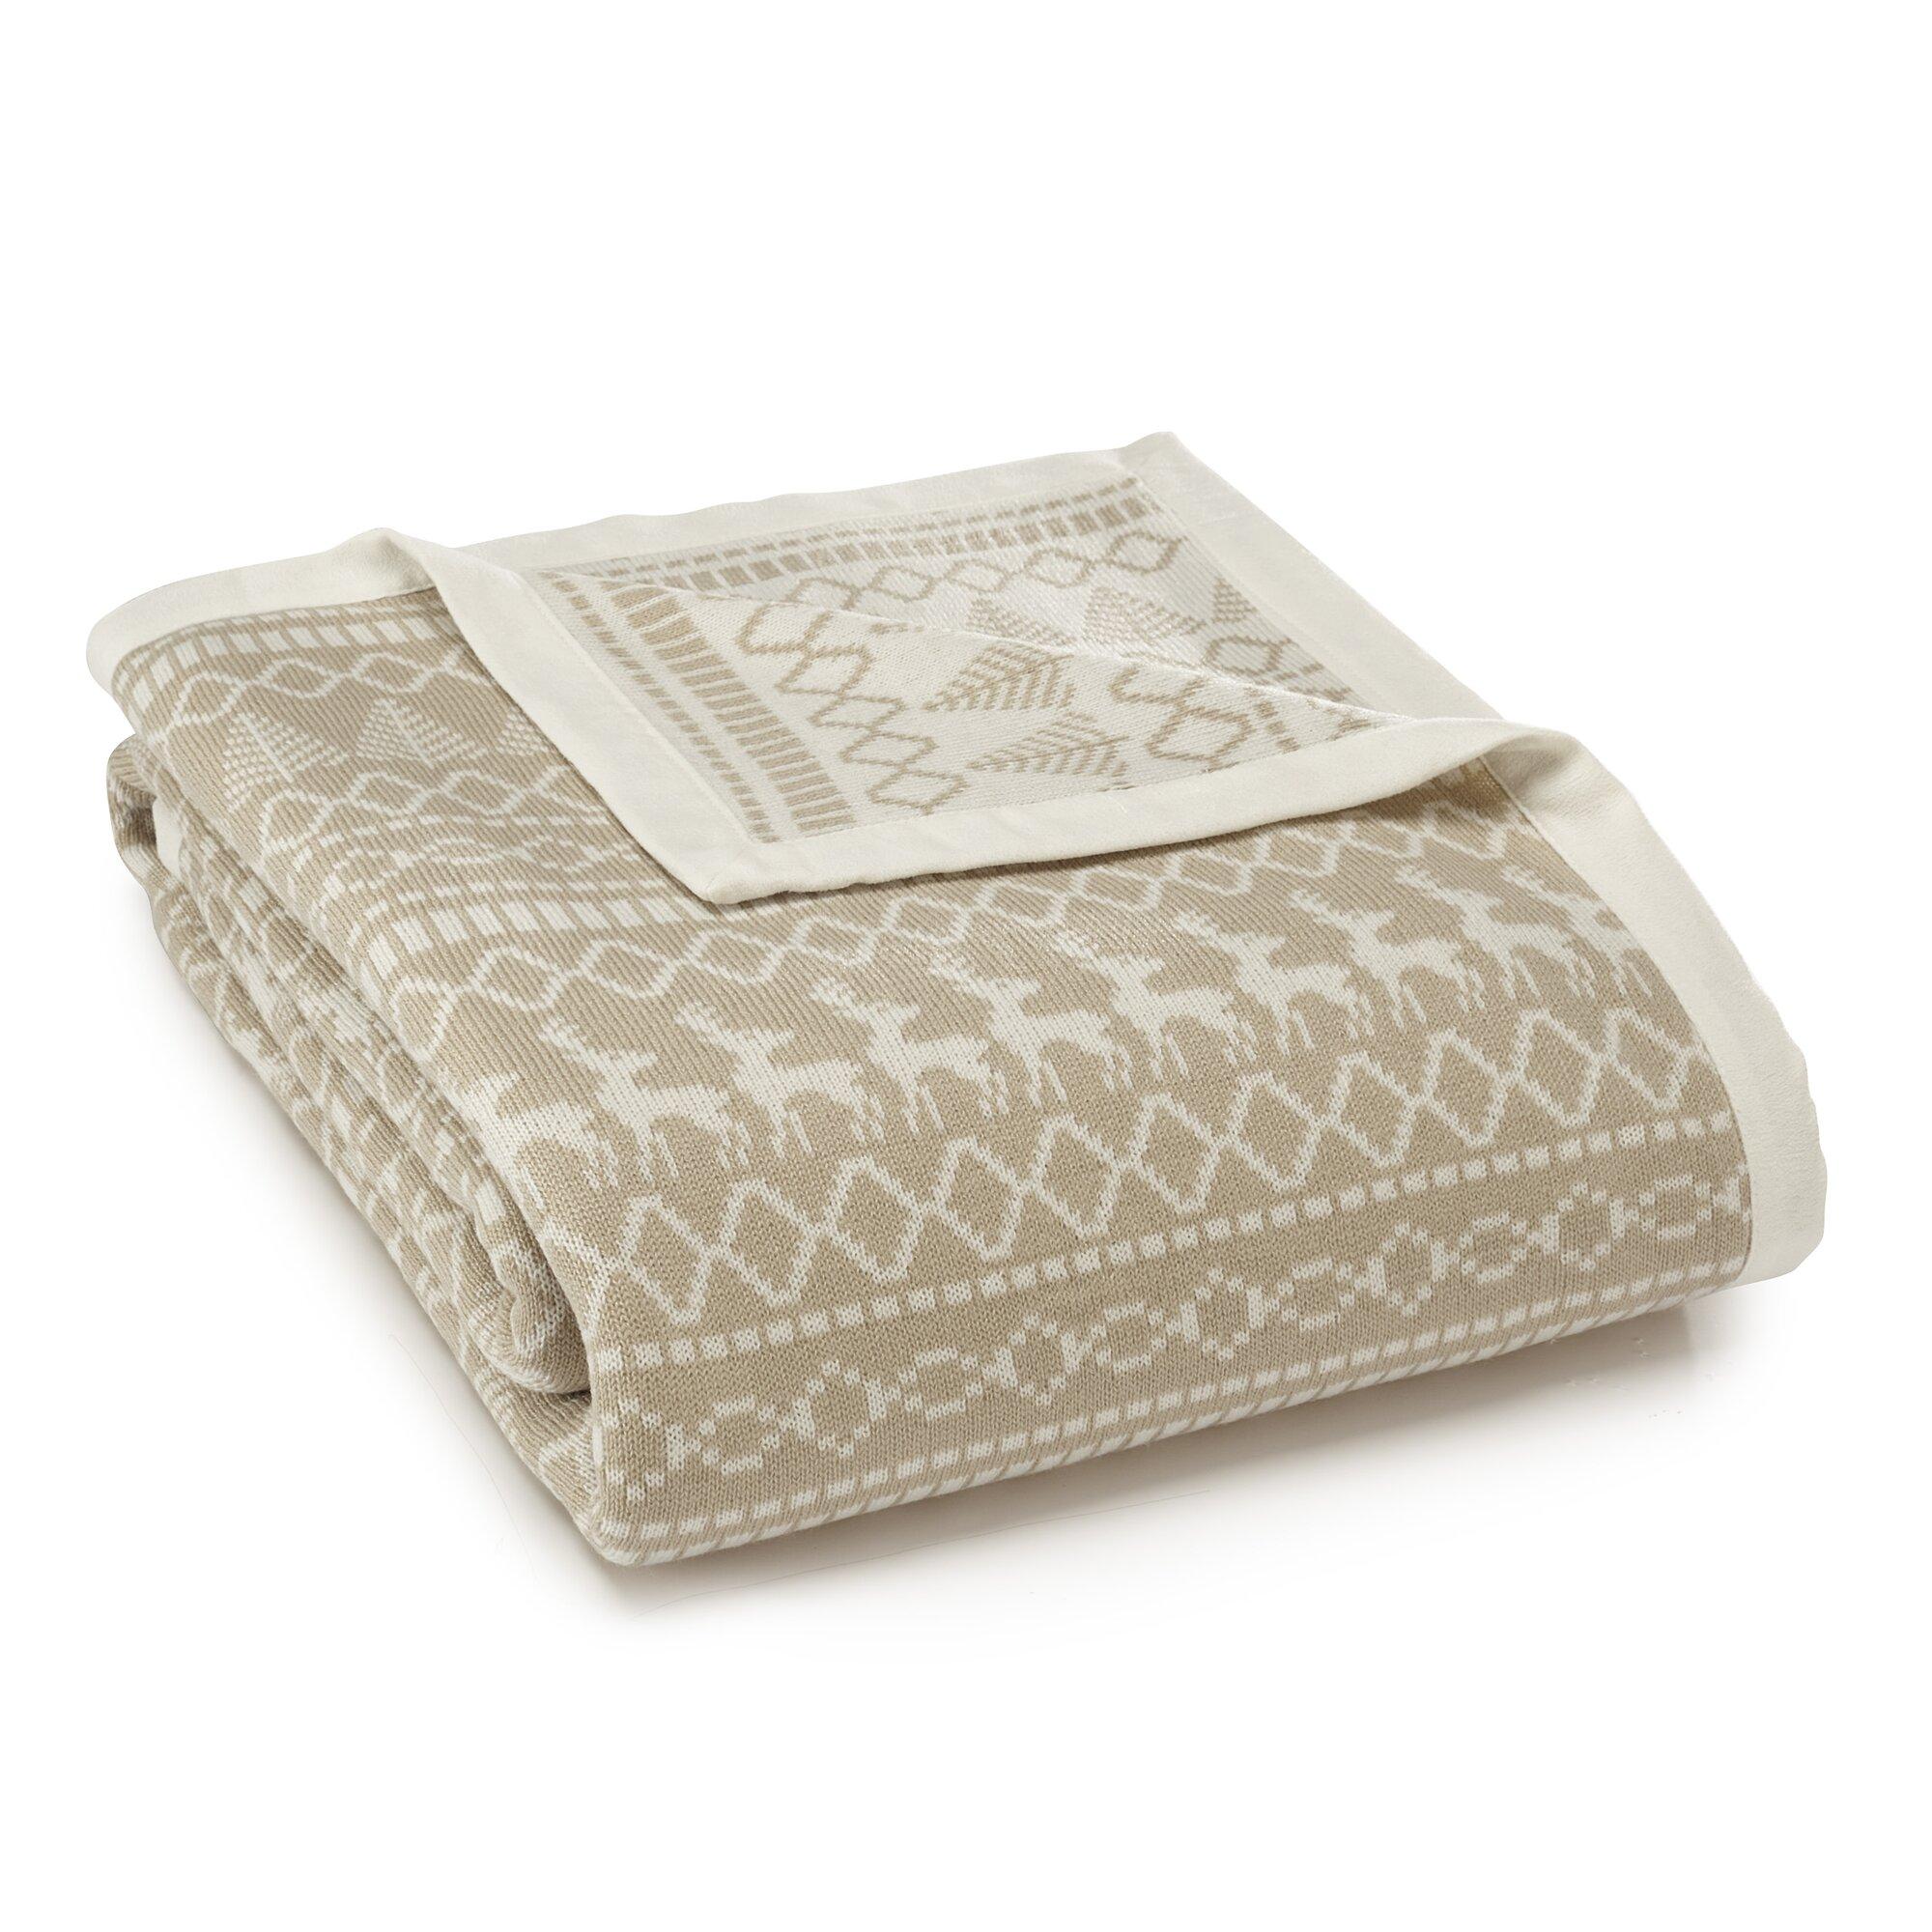 eddie bauer burgundy cream itm plaid blanket navy bed plush brown full bedding queen ultrasoft